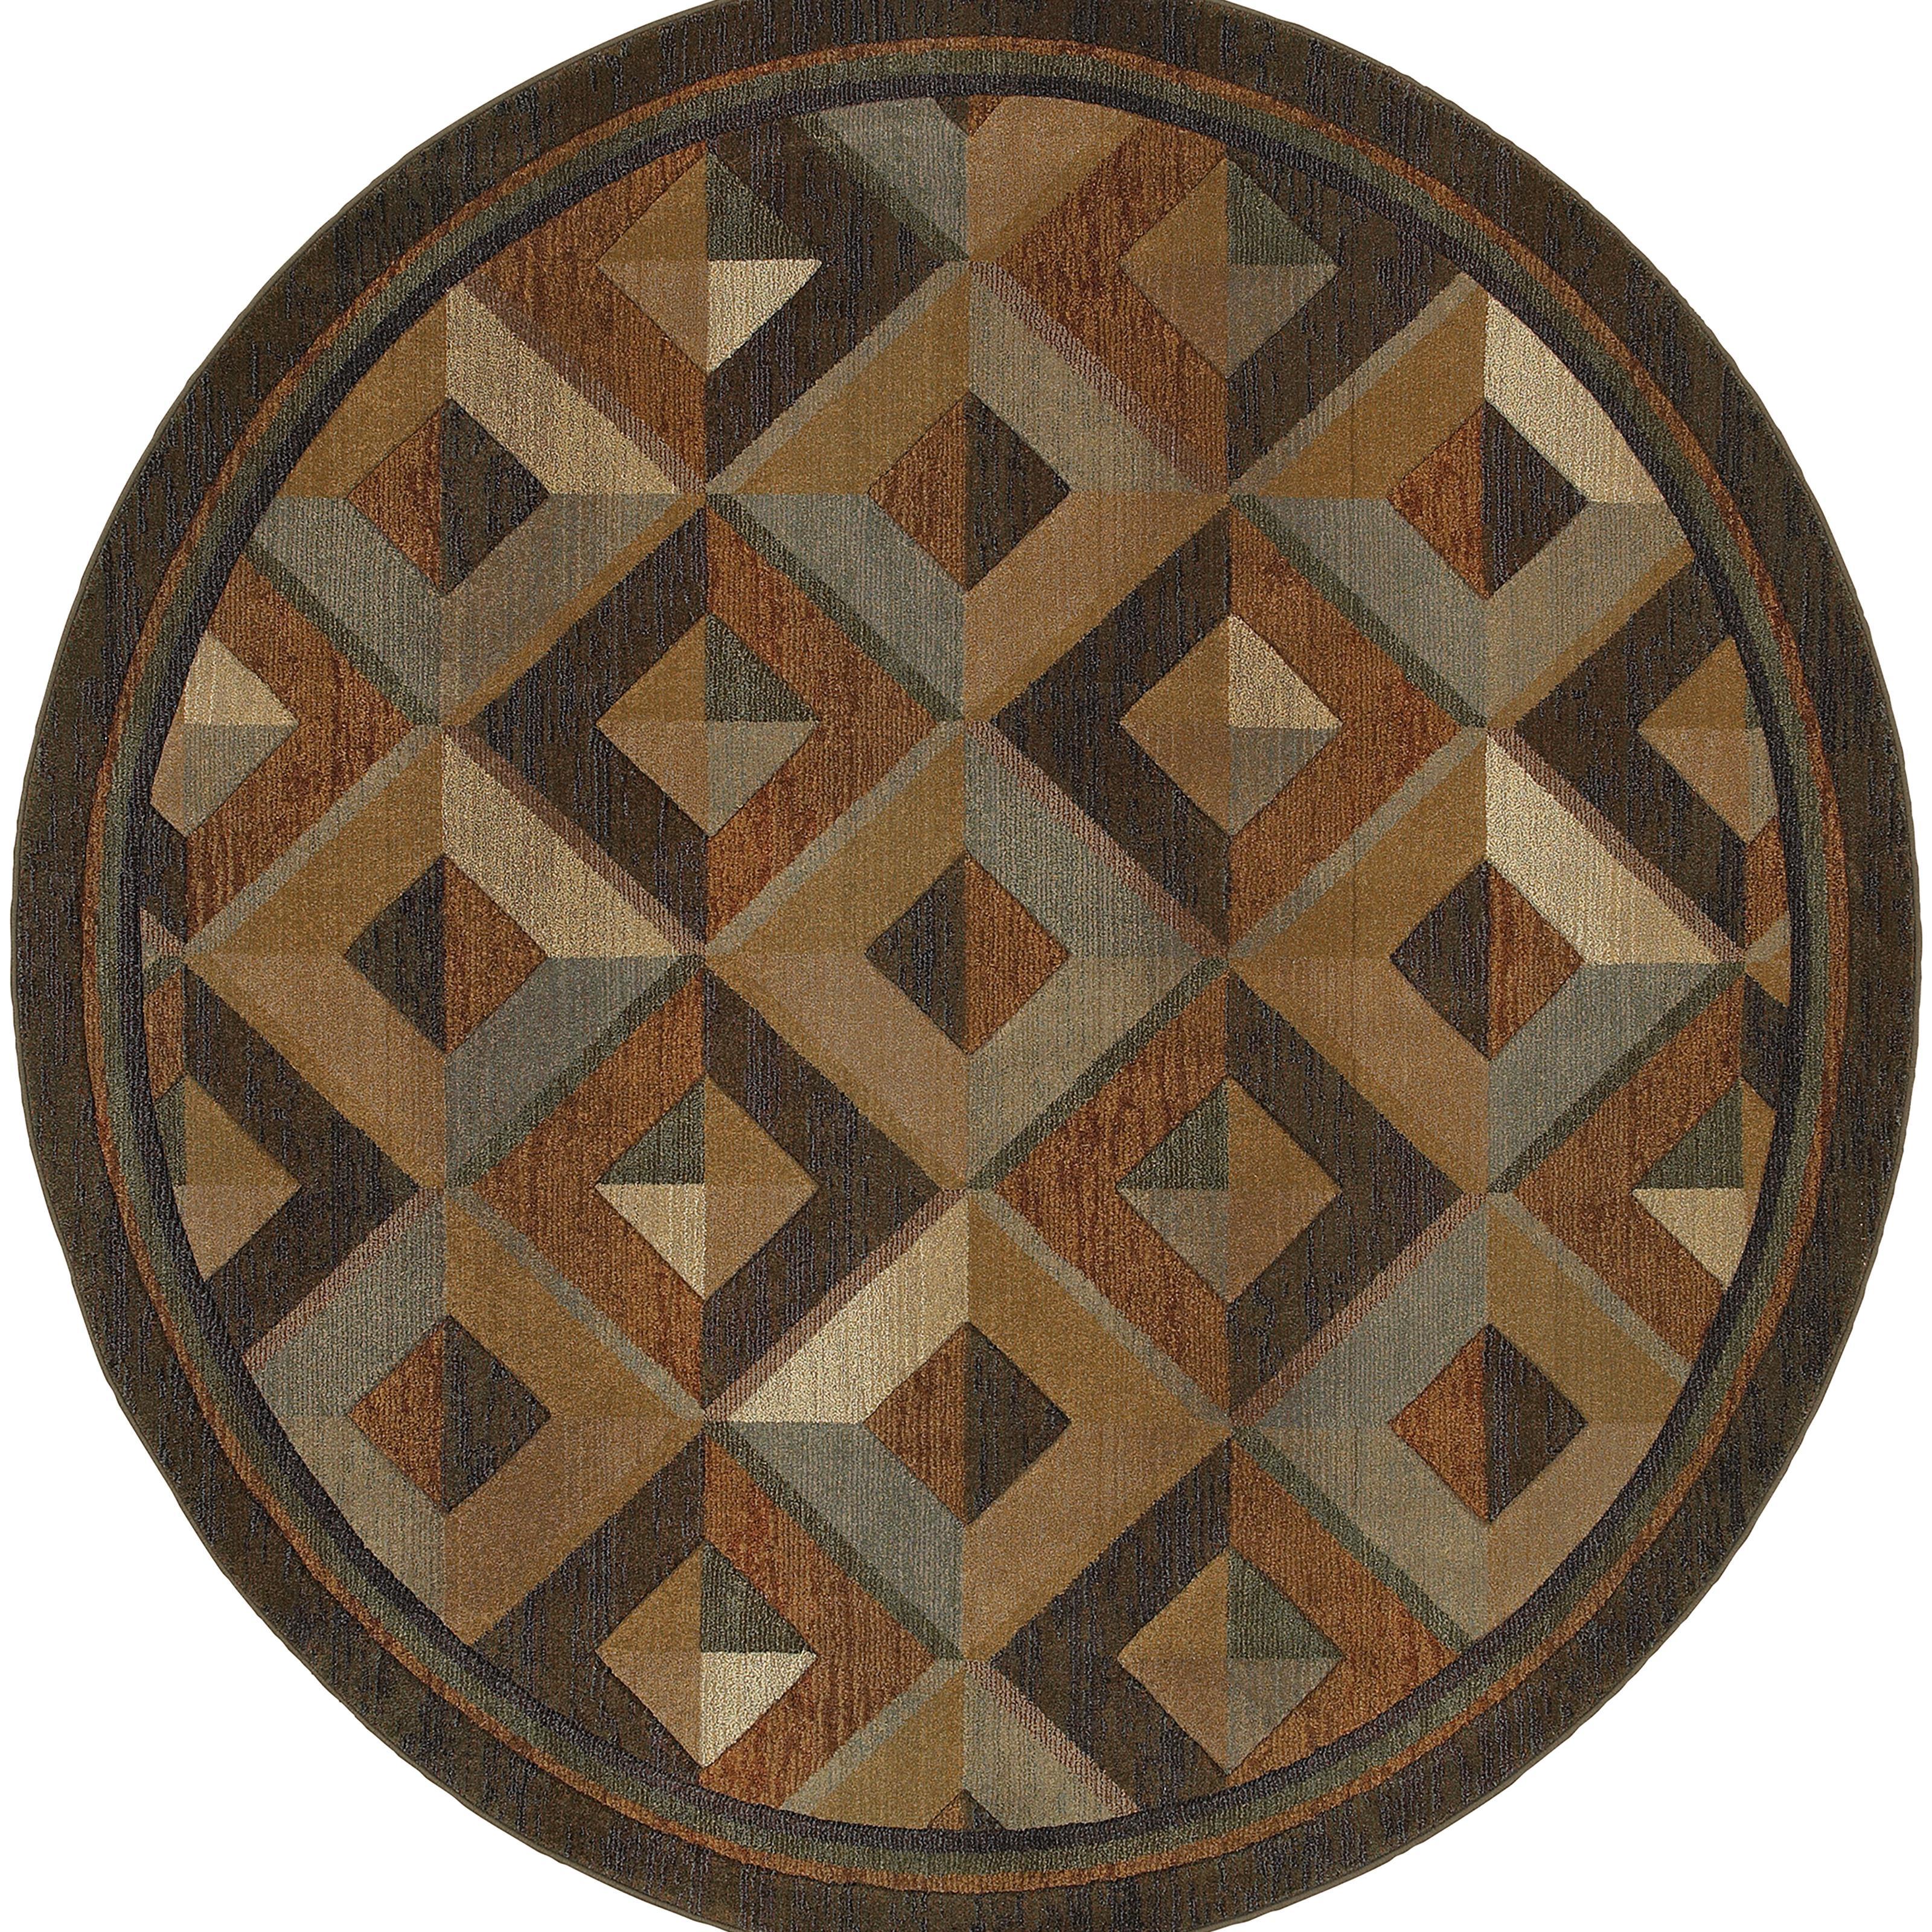 Oriental Weavers Genesis 6' Rug - Item Number: G956Q1180180ST